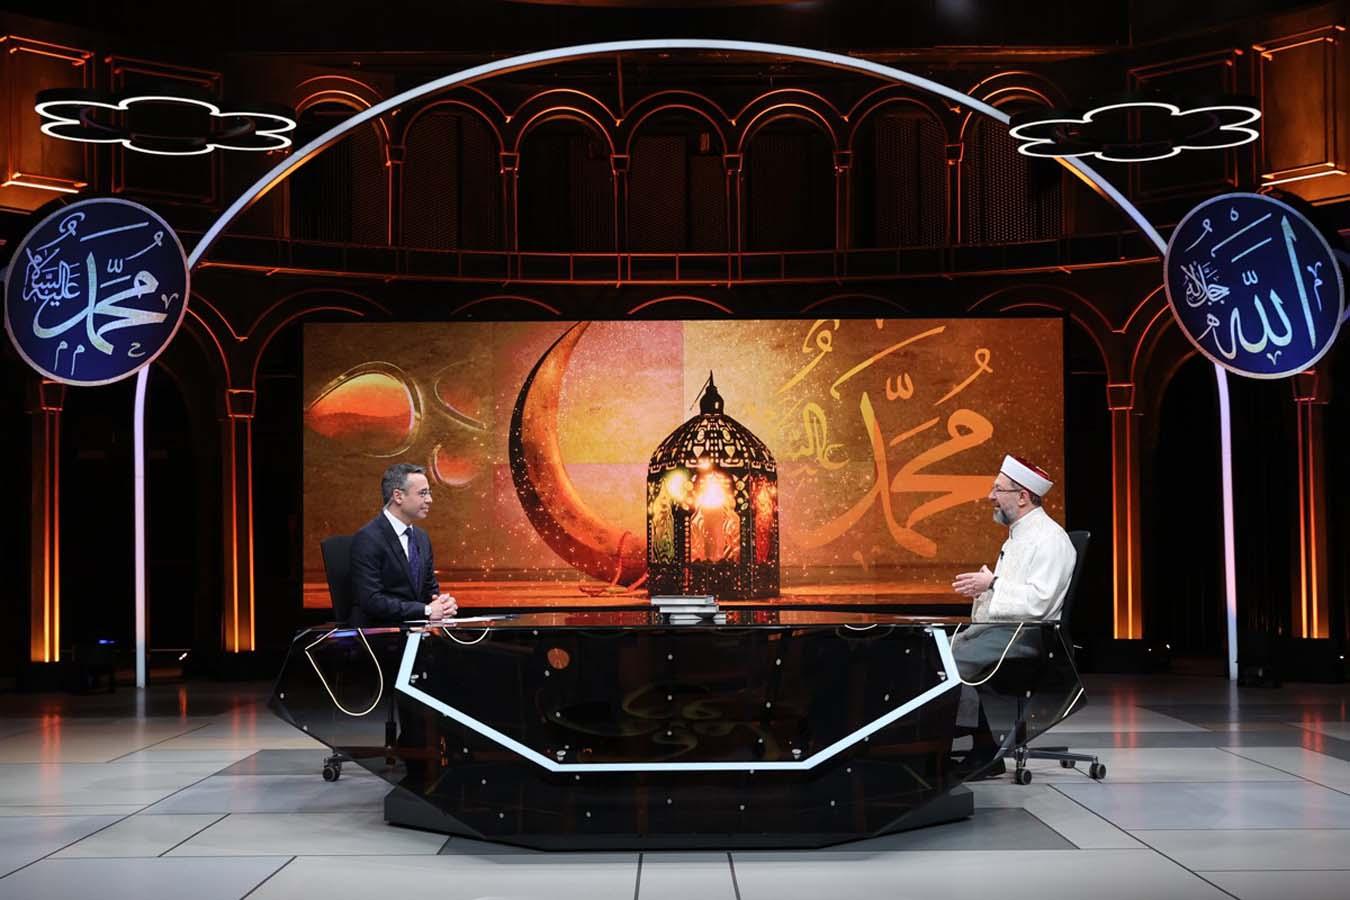 Diyanet İşleri Başkanı Erbaş'tan teravih namazı açıklaması: Vaka sayıları düşerse...